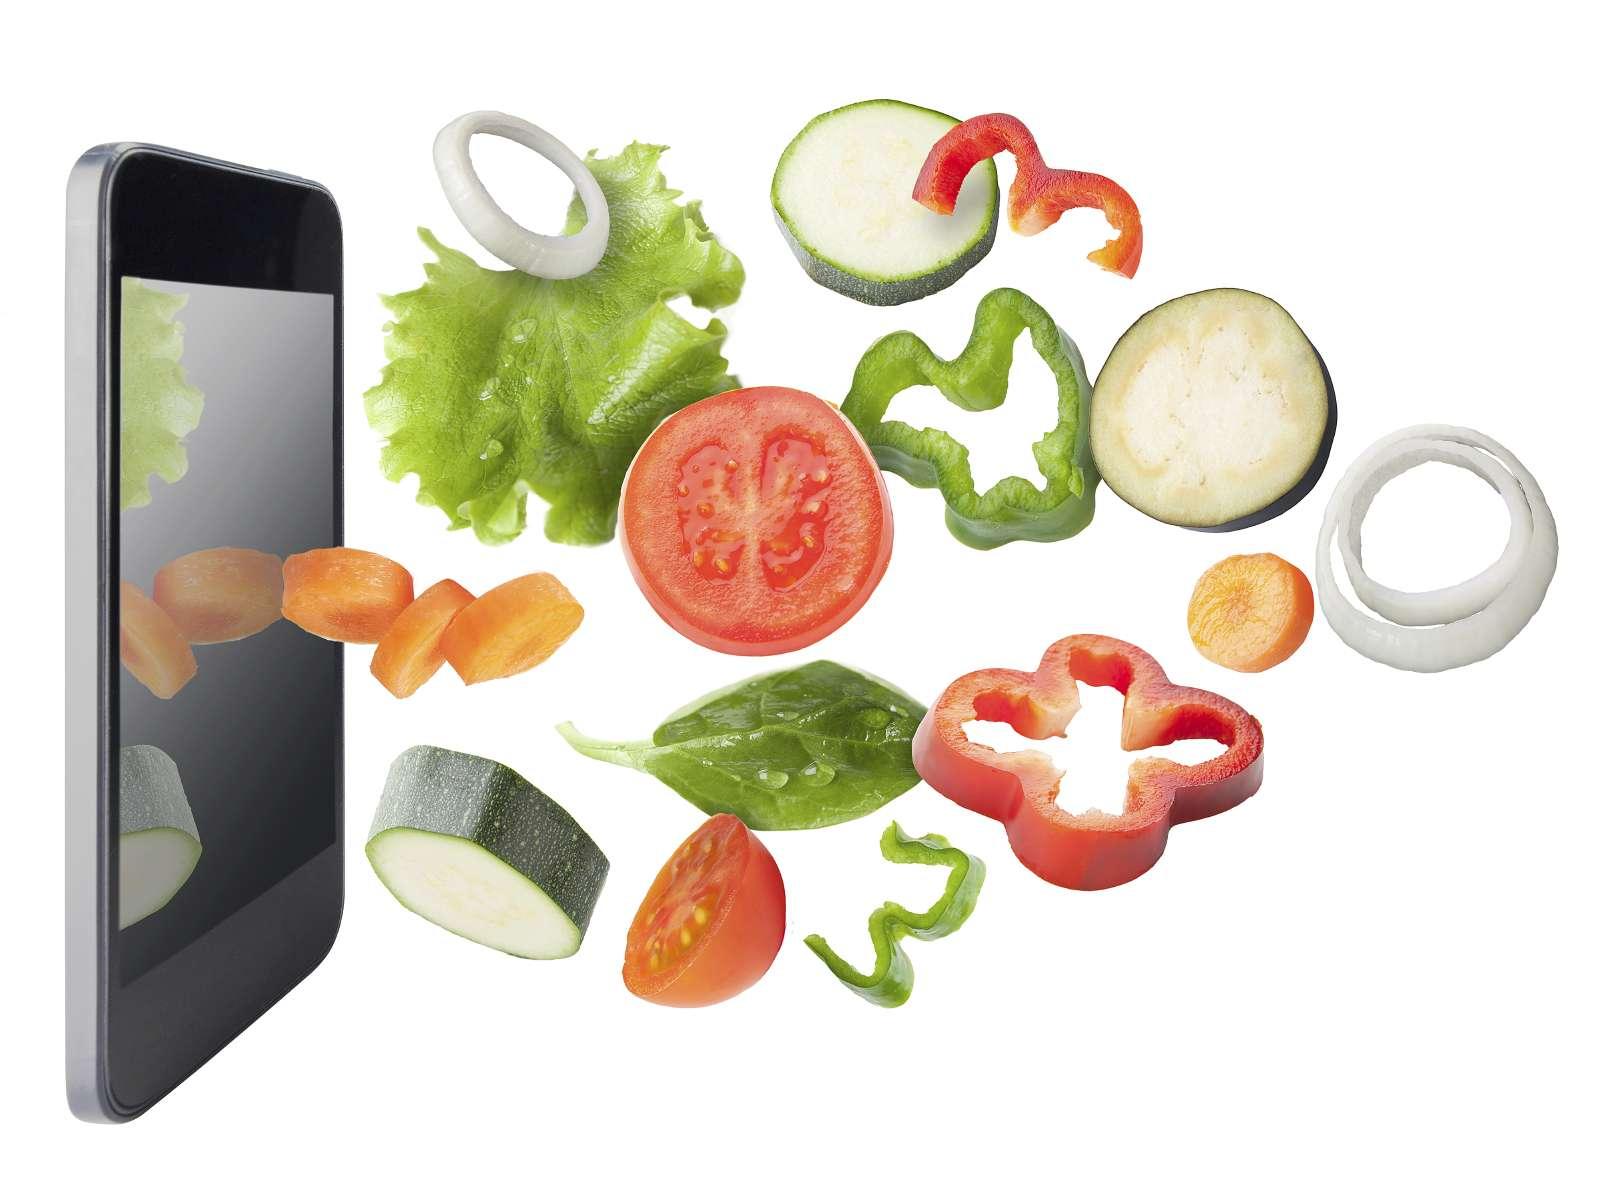 Las apps de cocina se han convertido en un aliado para variar la dieta diaria. Foto: iStock